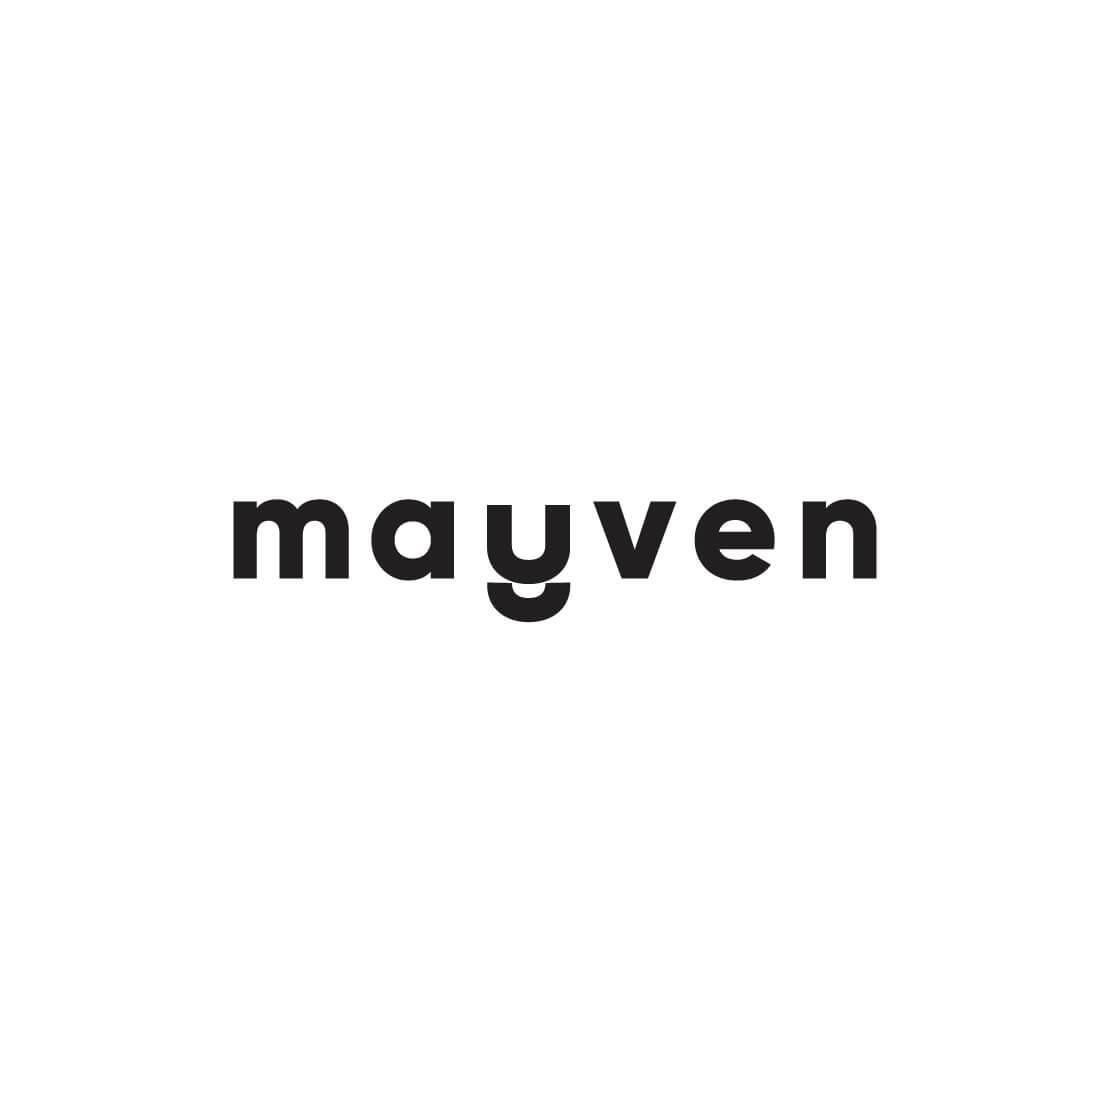 mayven